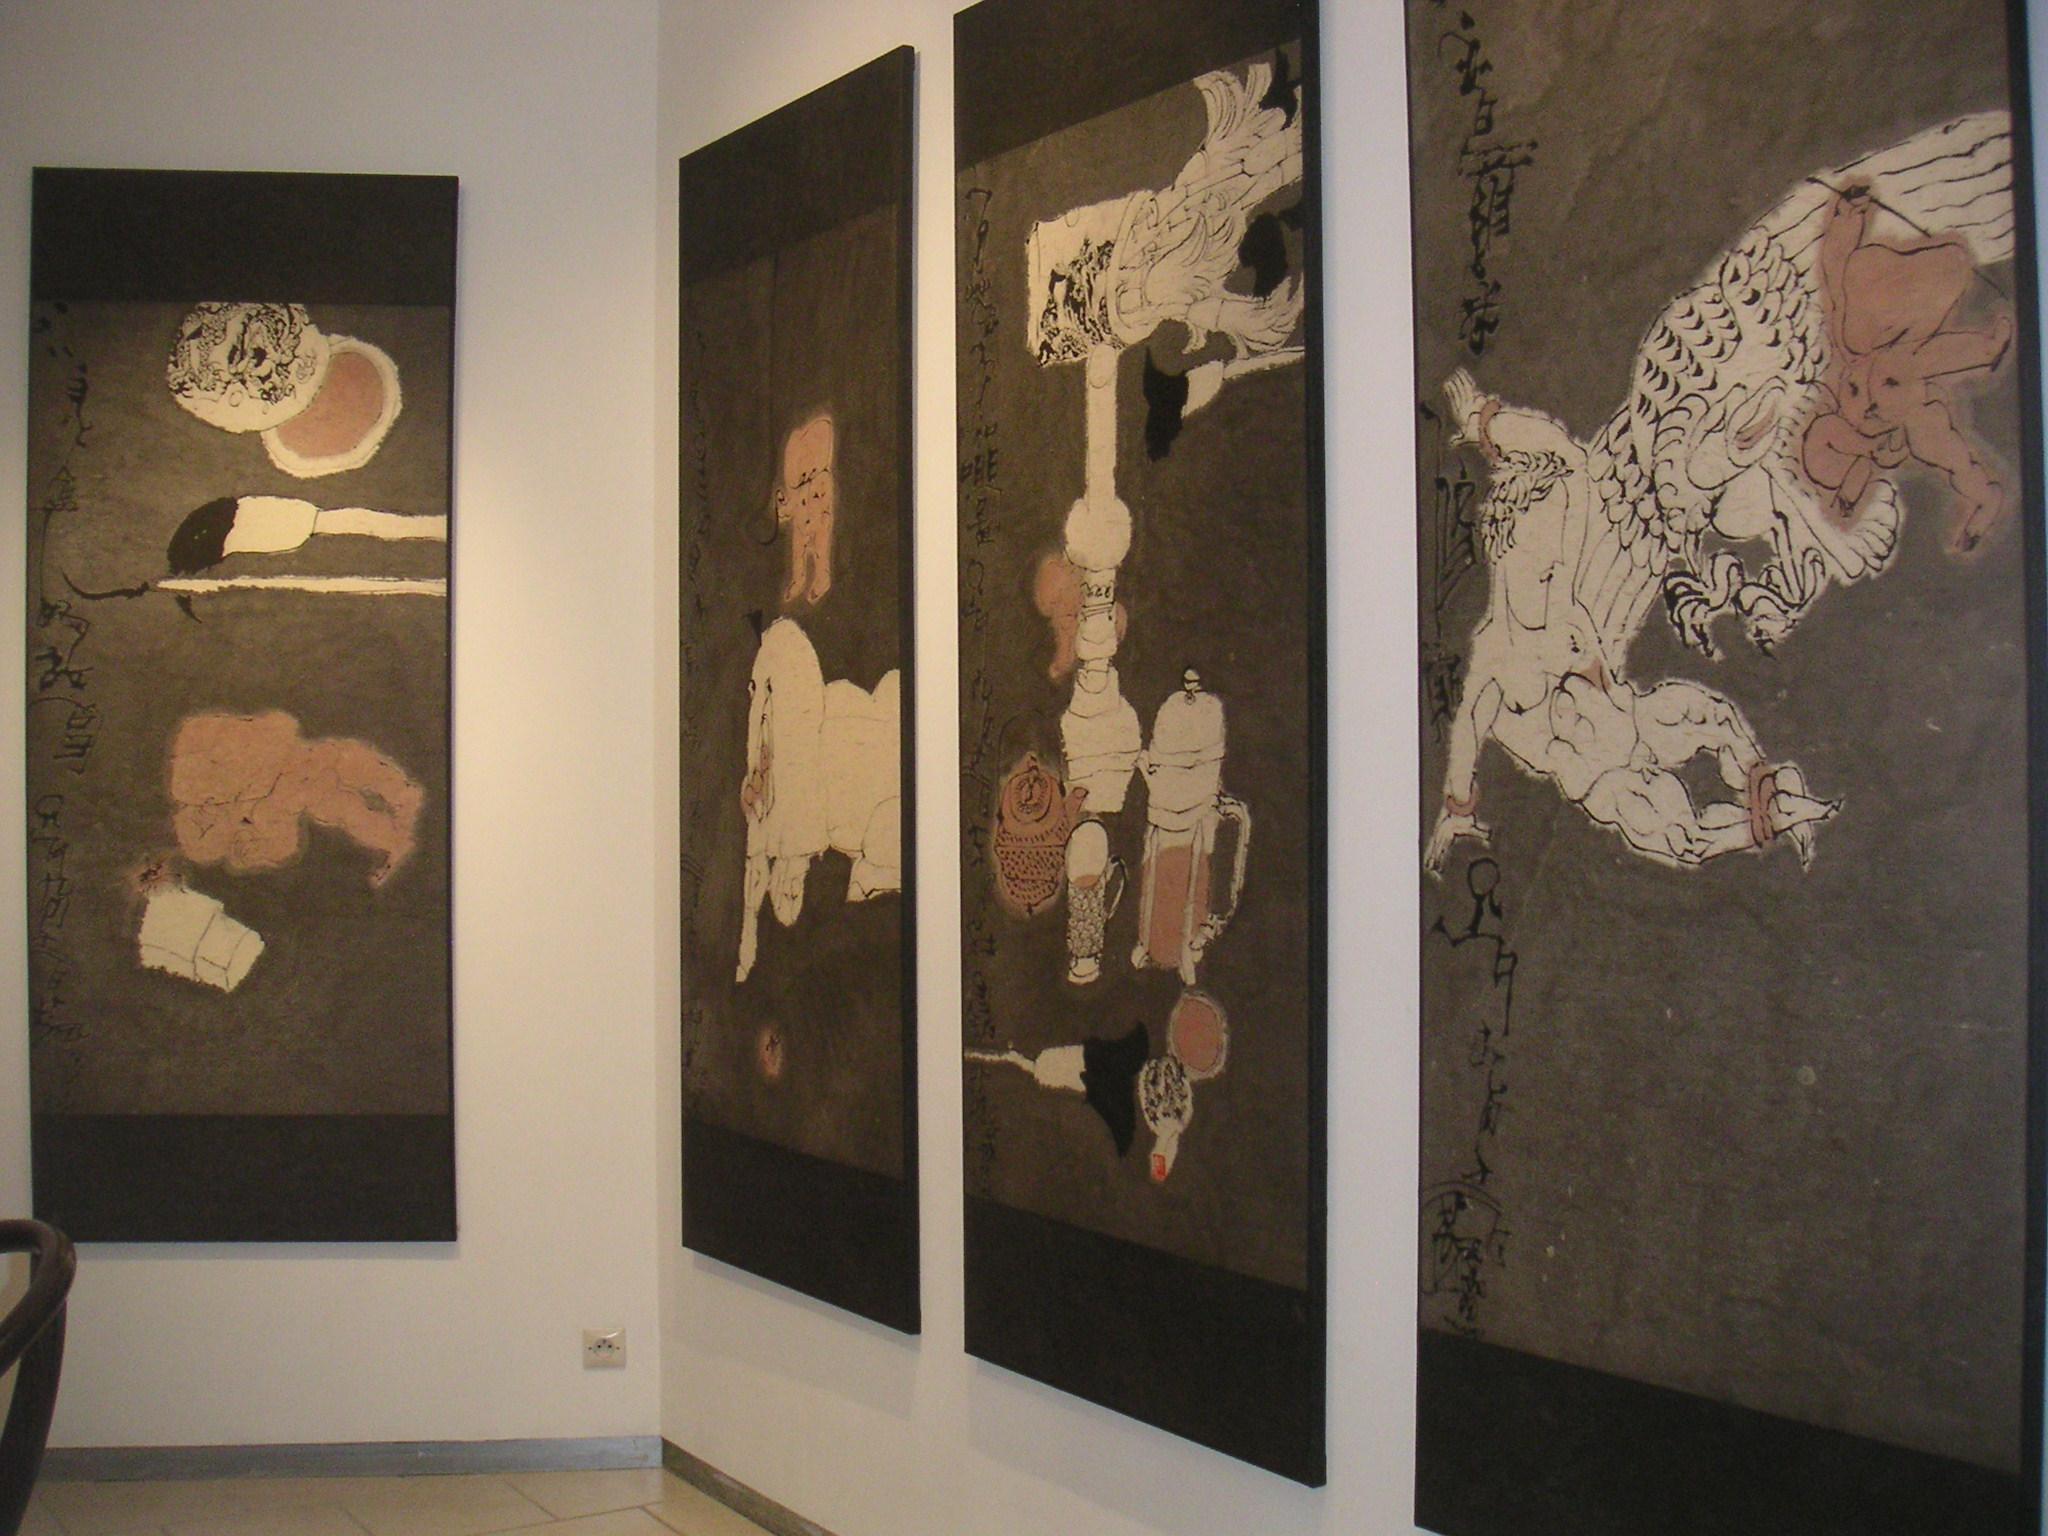 Galerie Sinitude, Paris 2009